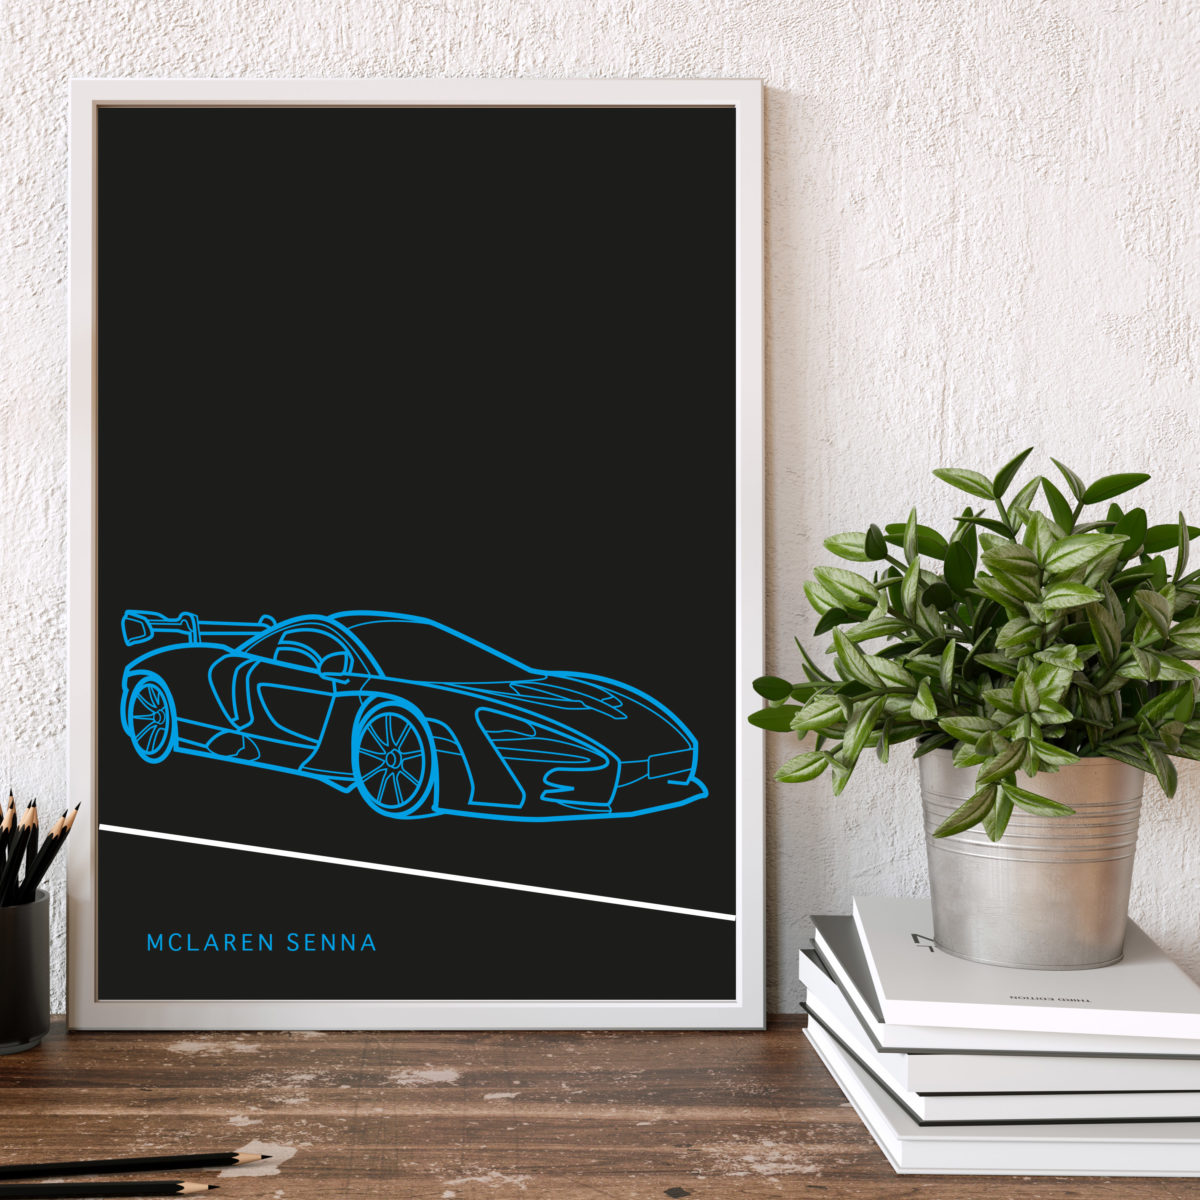 McLaren Senna Poster